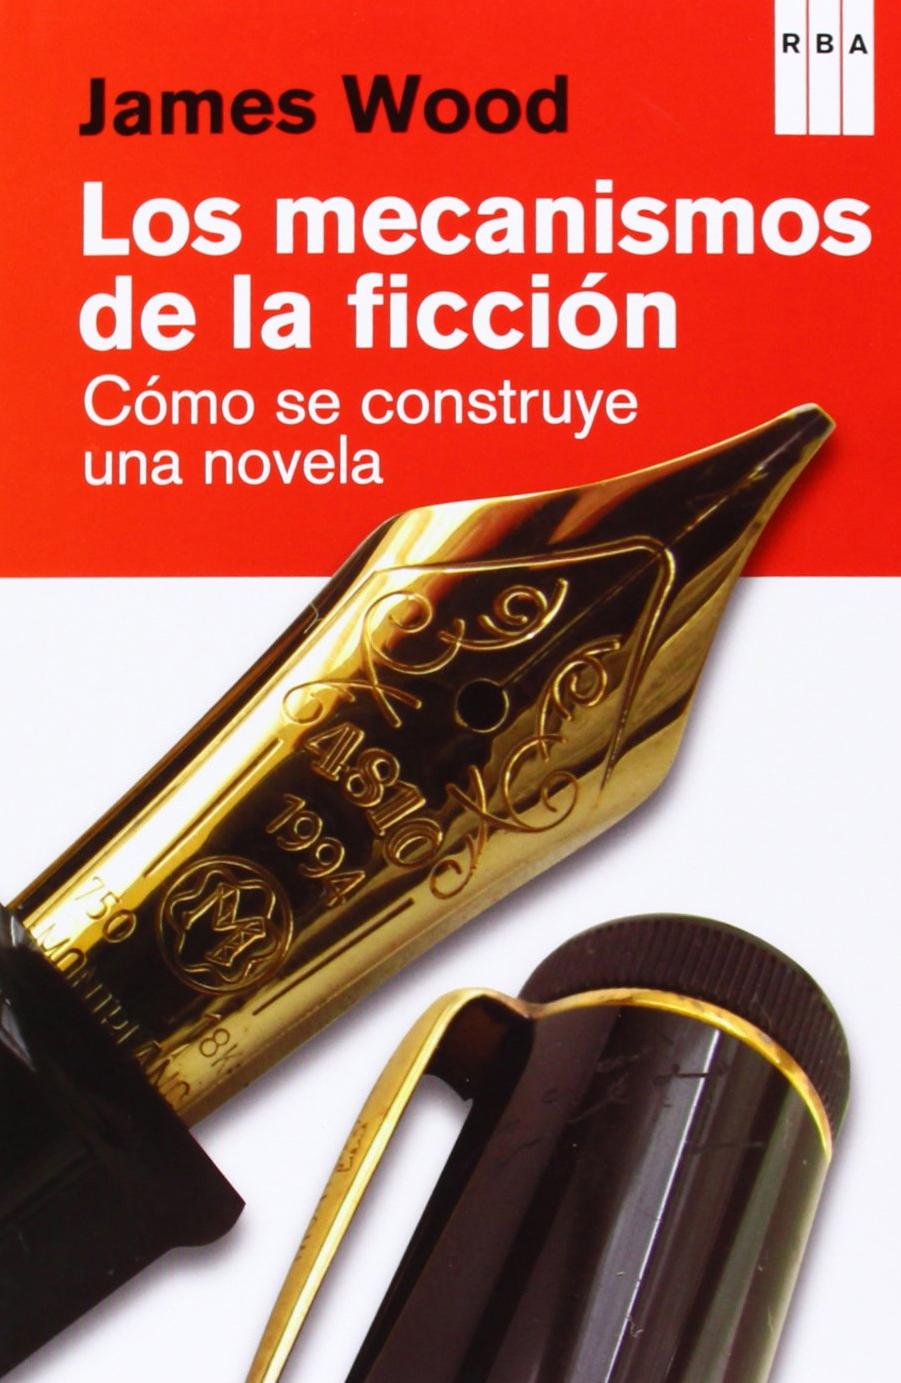 Mecanismos De la Ficcion, Los - Como se Construye una Novela